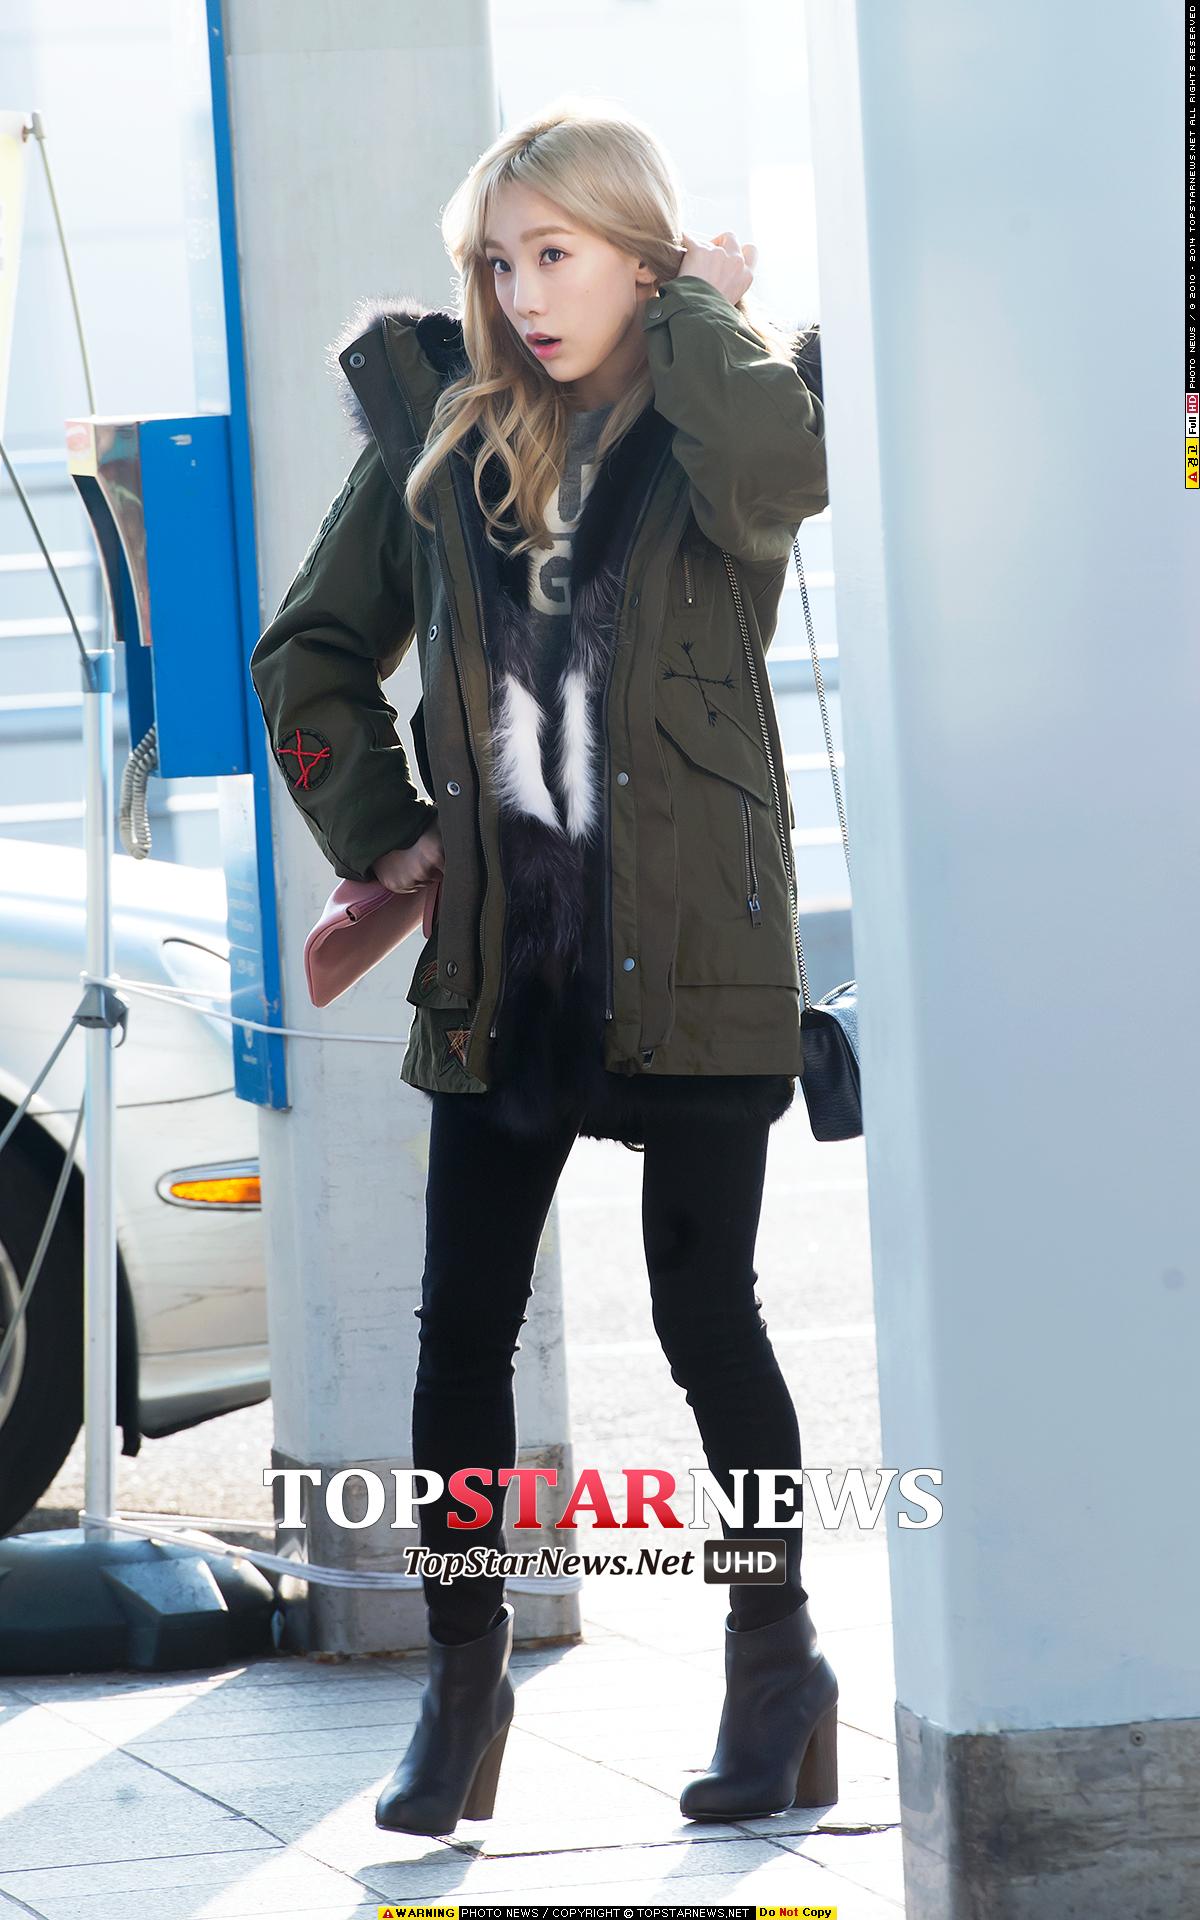 最近天氣有越來越冷的趨勢 (終於阿~~~~),韓國早就已經下雪了!想買件連帽外套來穿,但本季流行的重點和過去似乎有些不同?先看看最近正在活動的偶像們都怎麼搭吧!